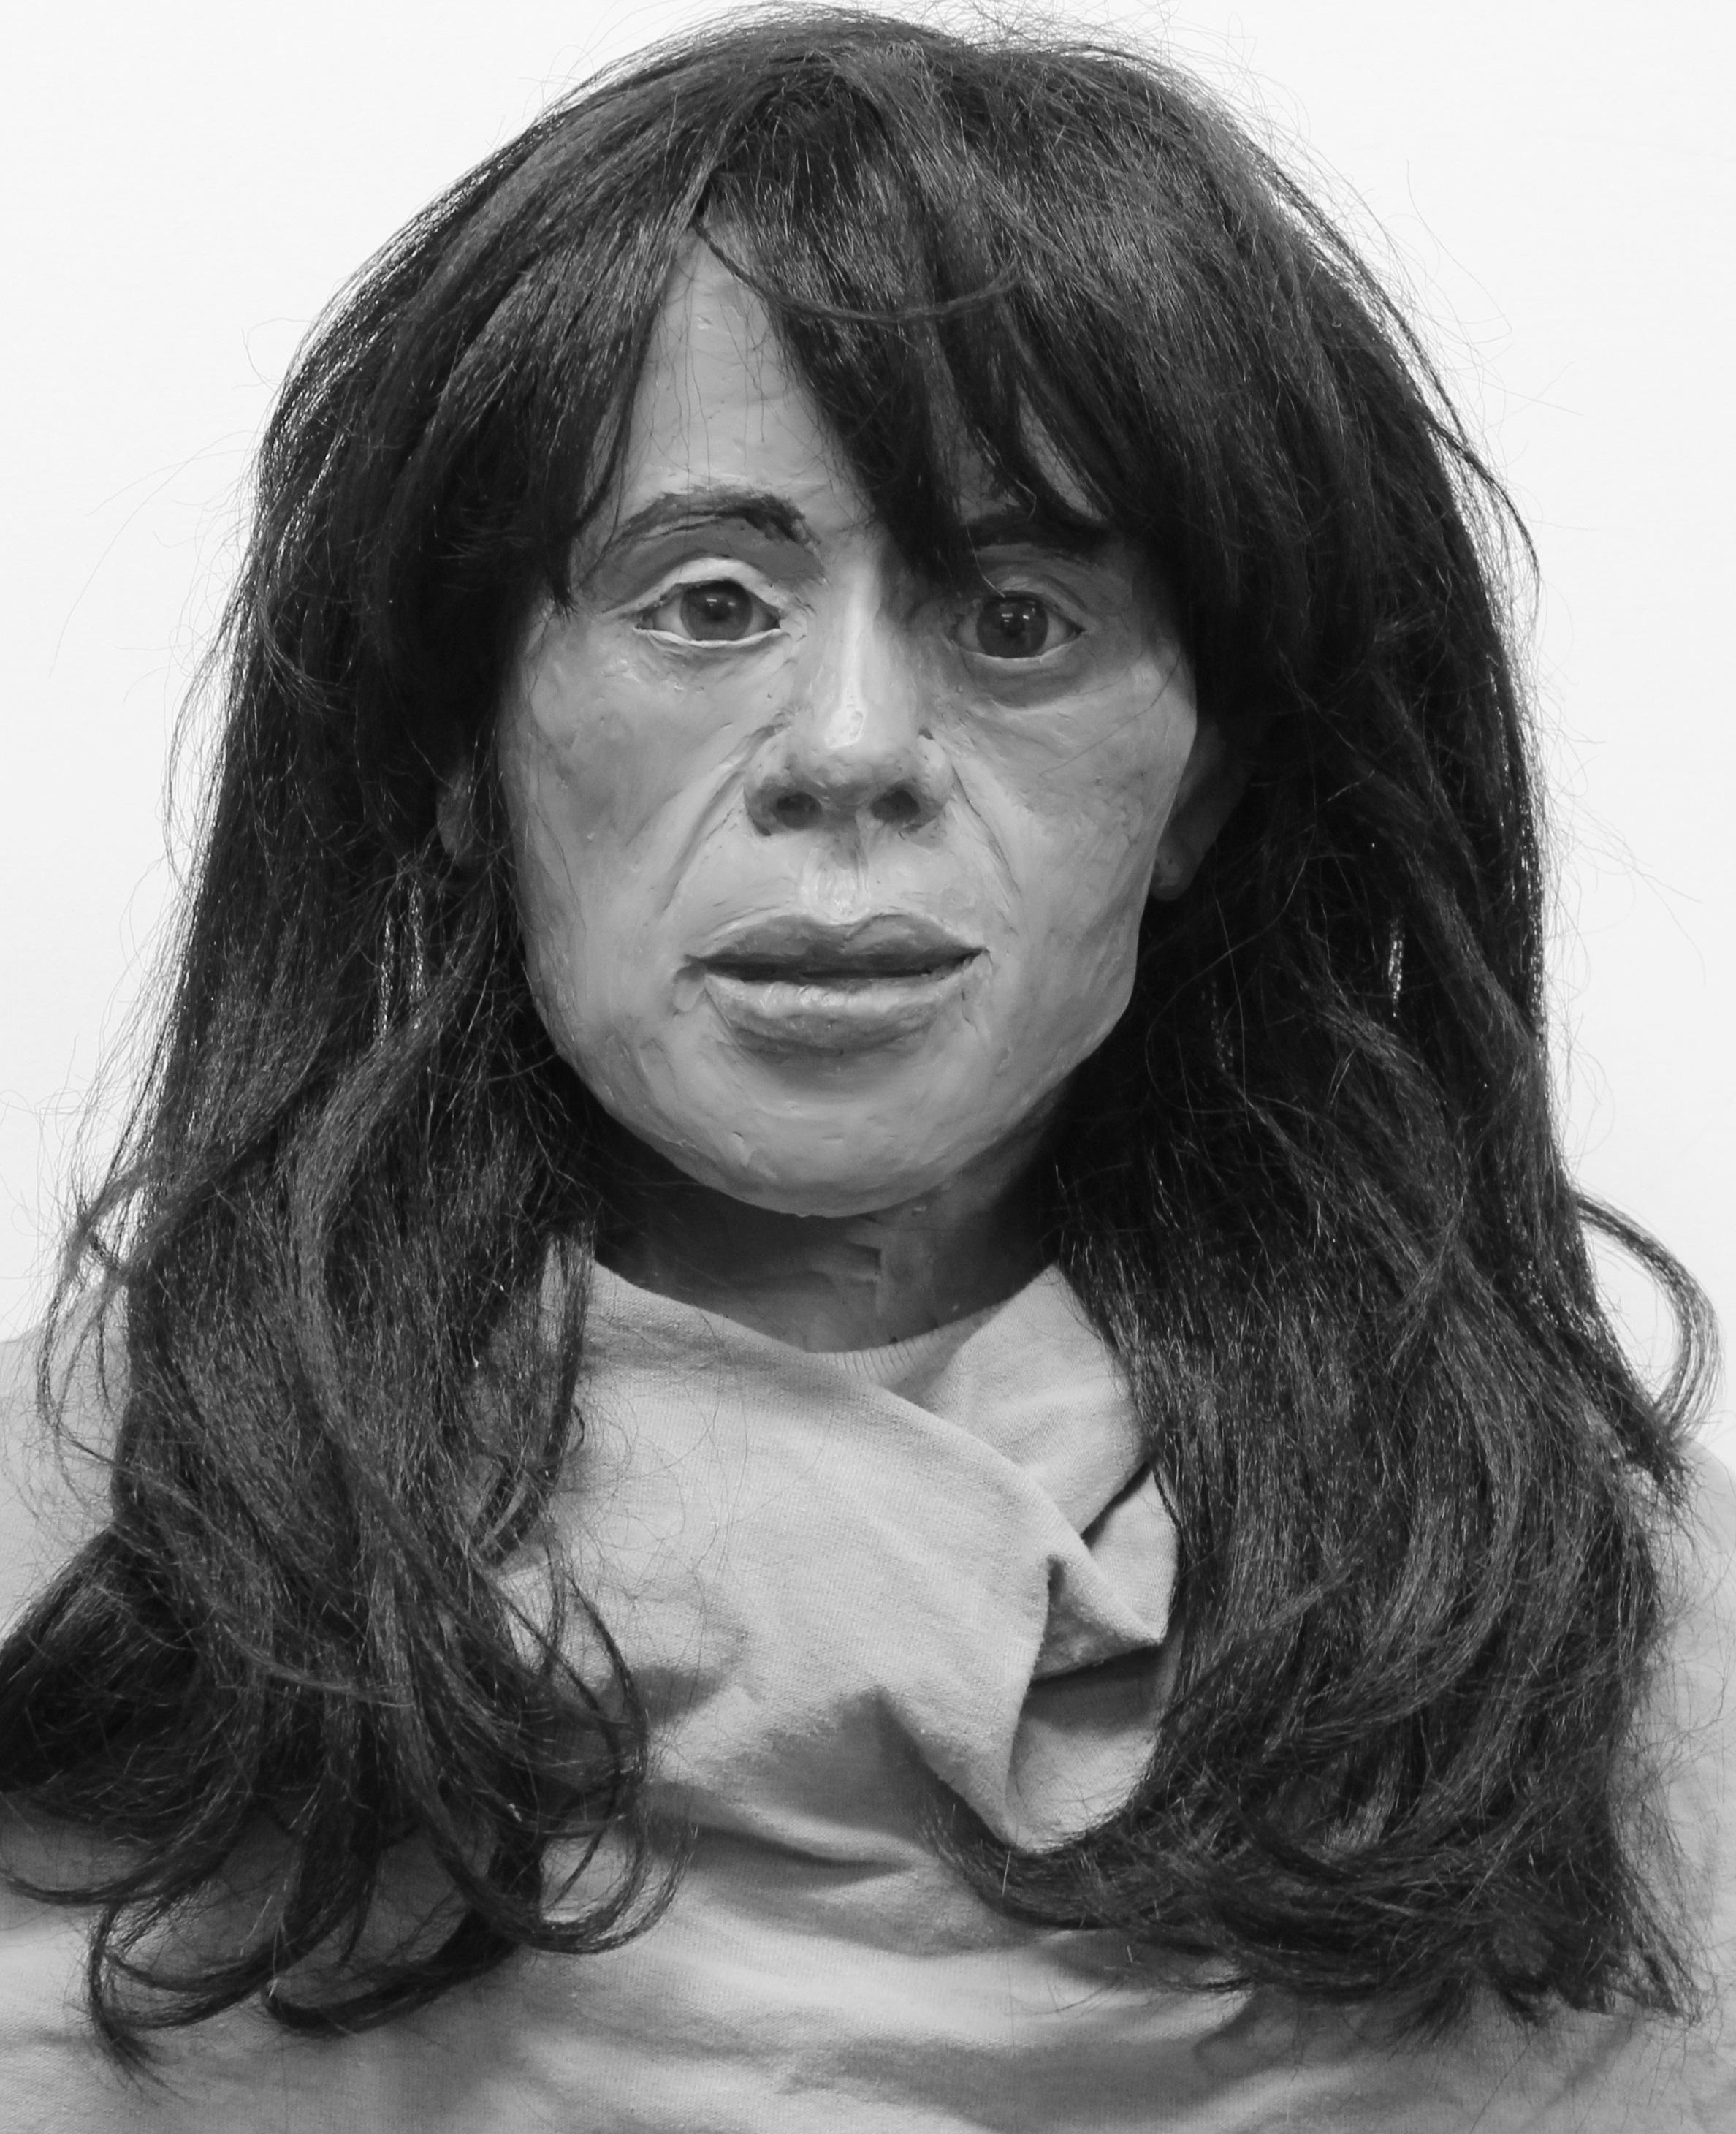 Ottawa County Jane Doe (2015)